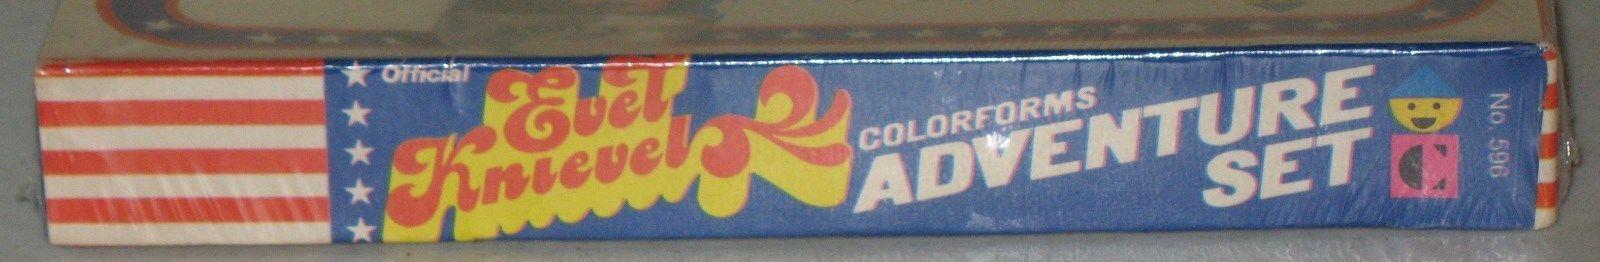 Nr. jahrgang original 1974 Farbeforms evel knievel abenteuer wurde komplett abgeriegelt